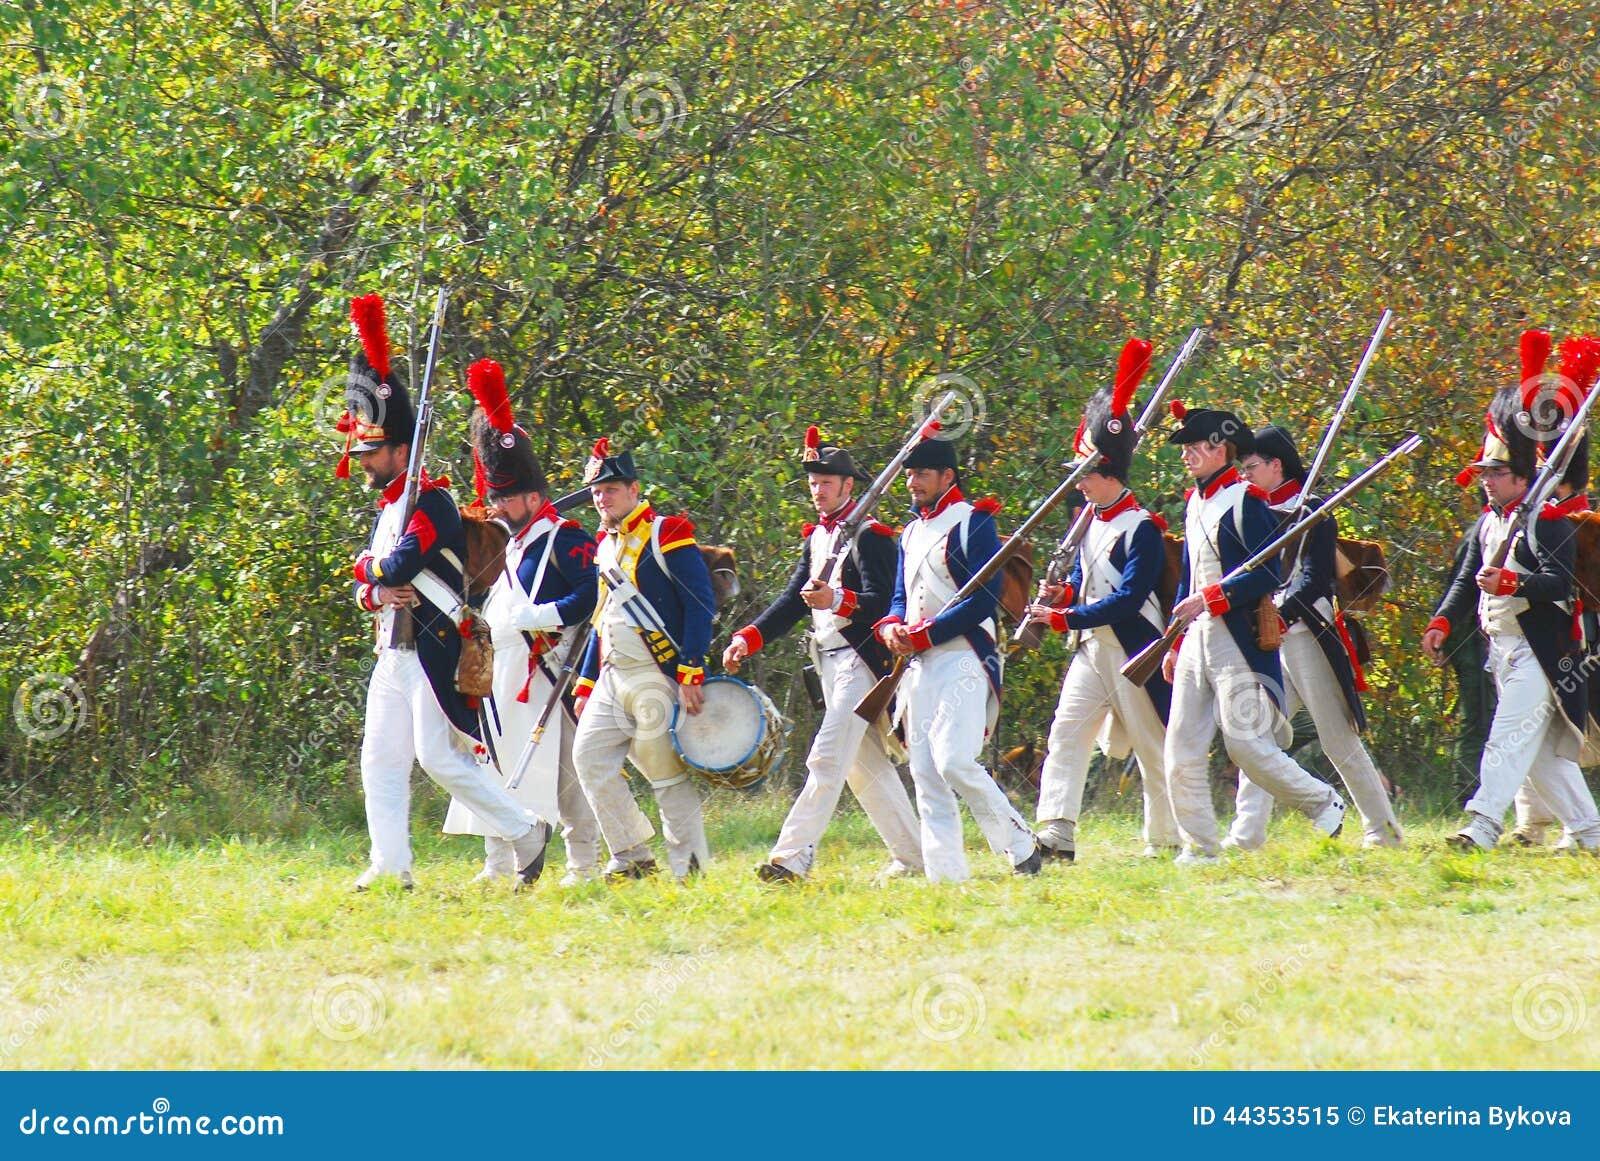 La gente in costumi storici marcia sul campo di battaglia